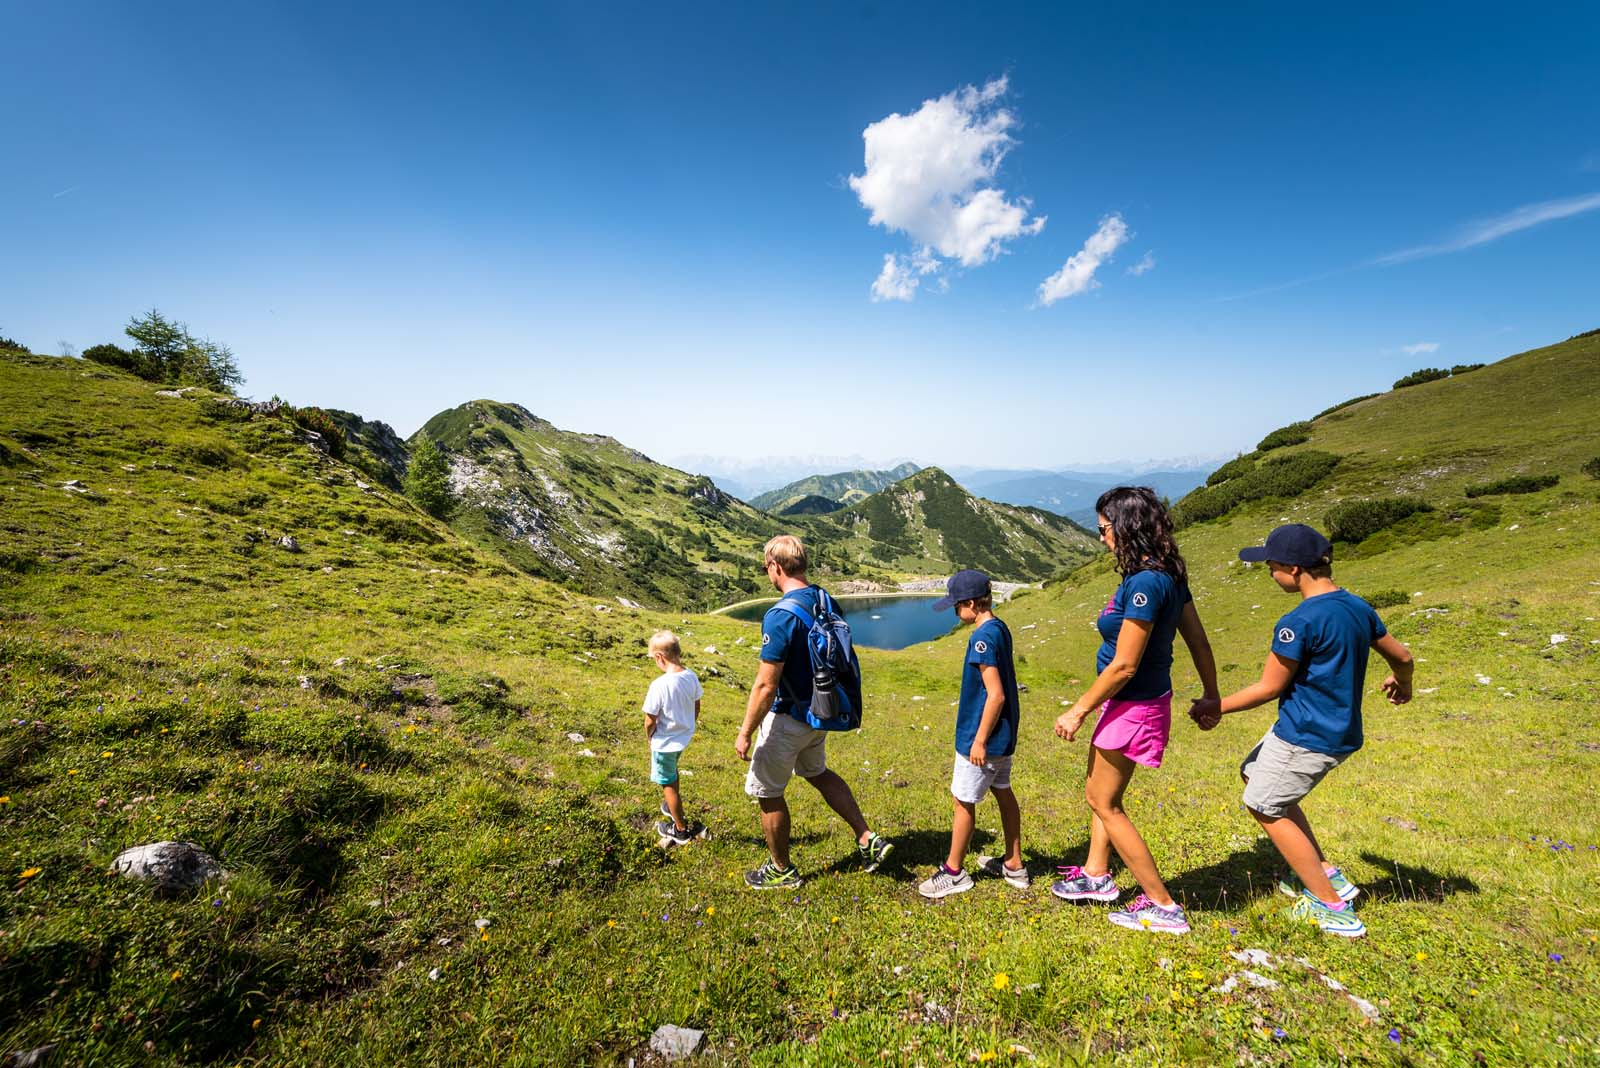 hiking in Summer in Altenmarkt-Zauchensee